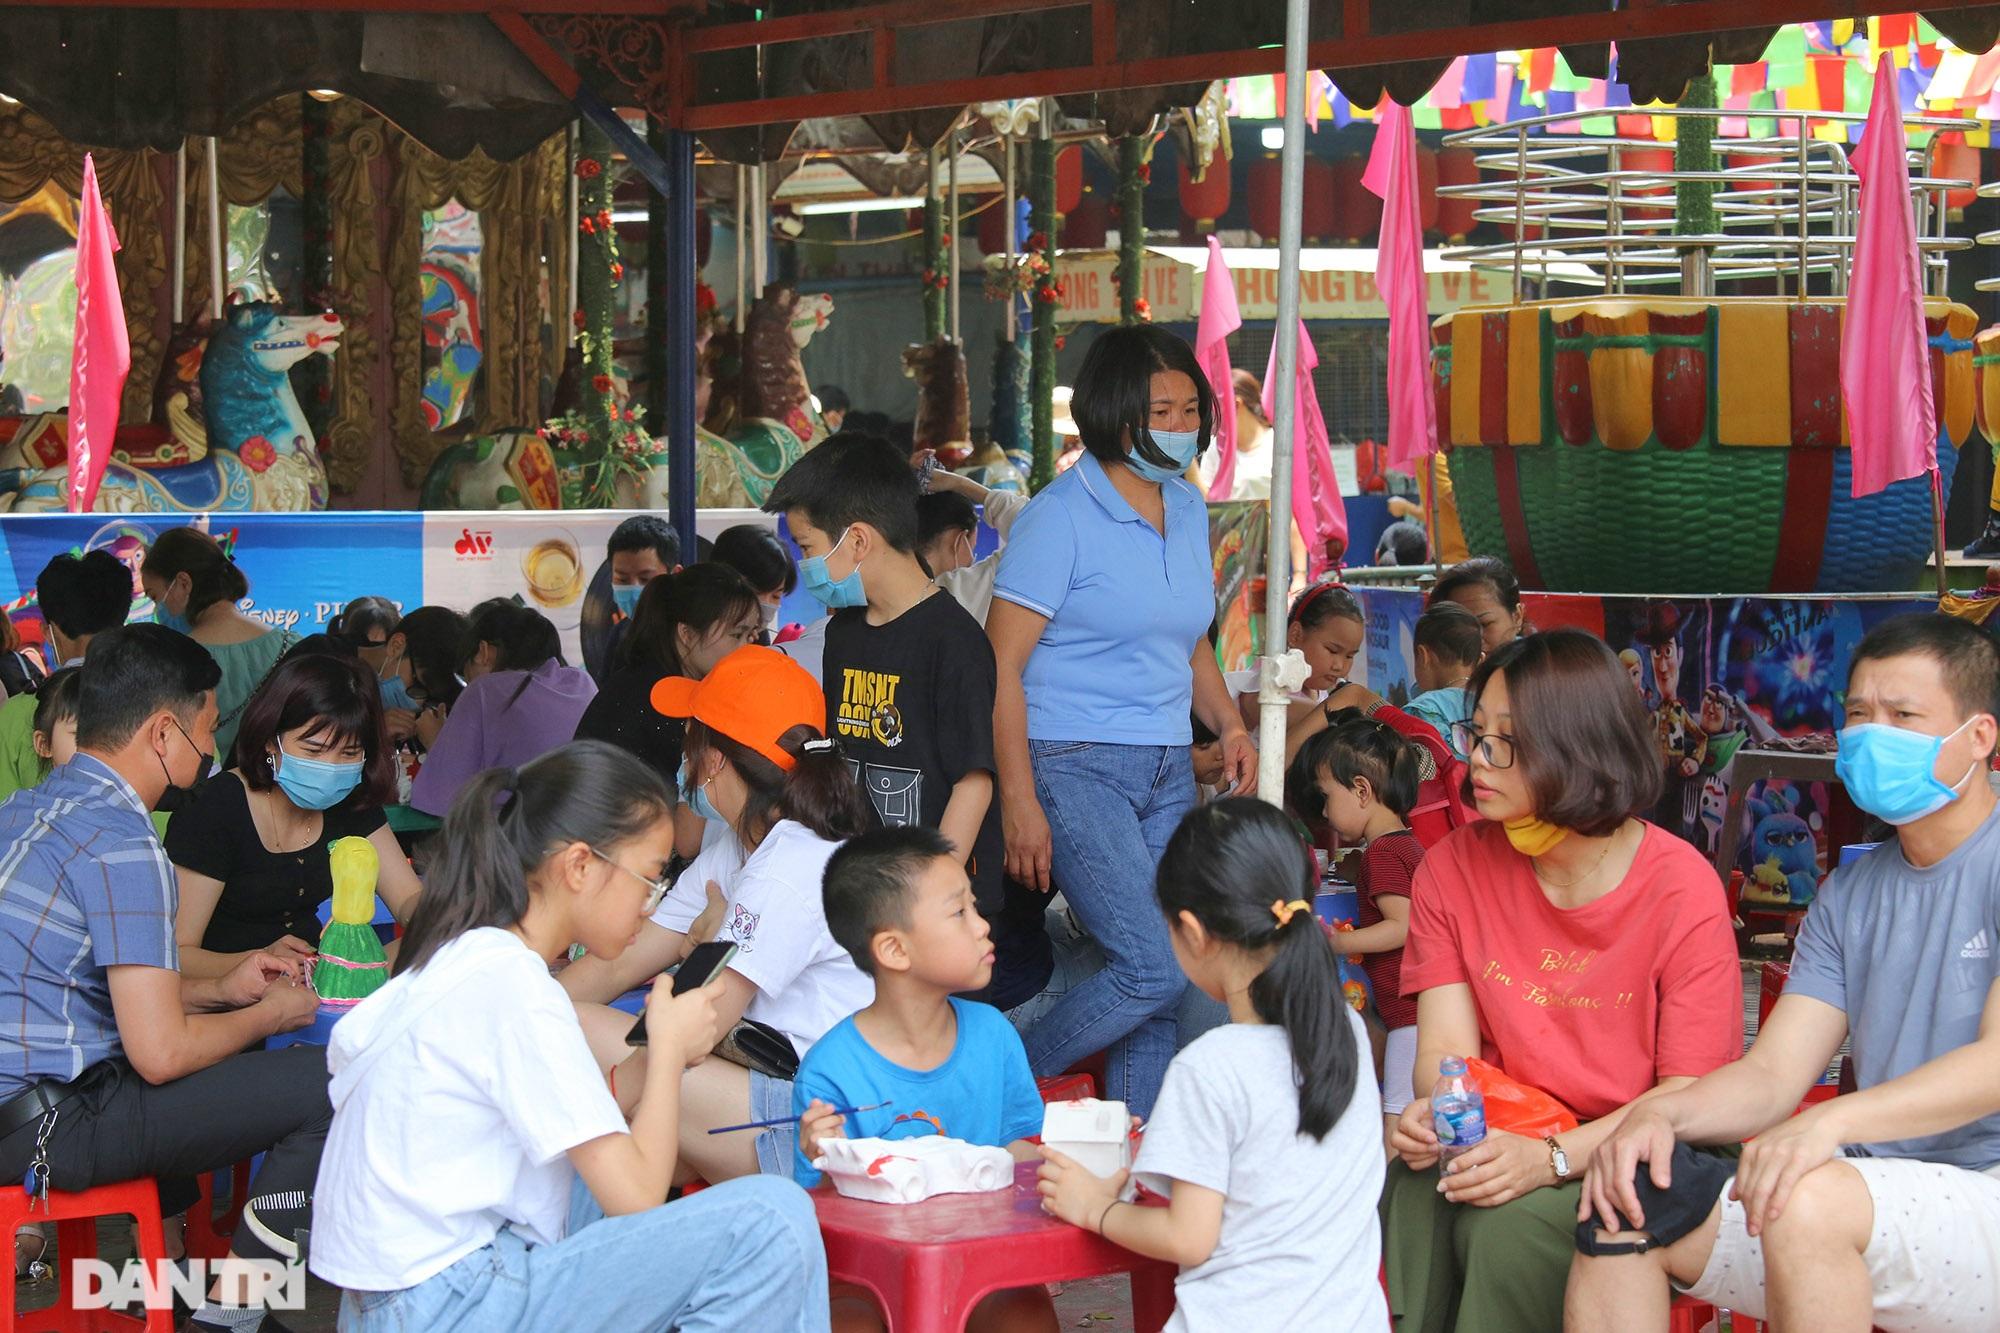 Mặc dù lo ngại dịch Covid-19, nhiều điểm vui chơi ở Hà Nội vẫn đông khách - 11